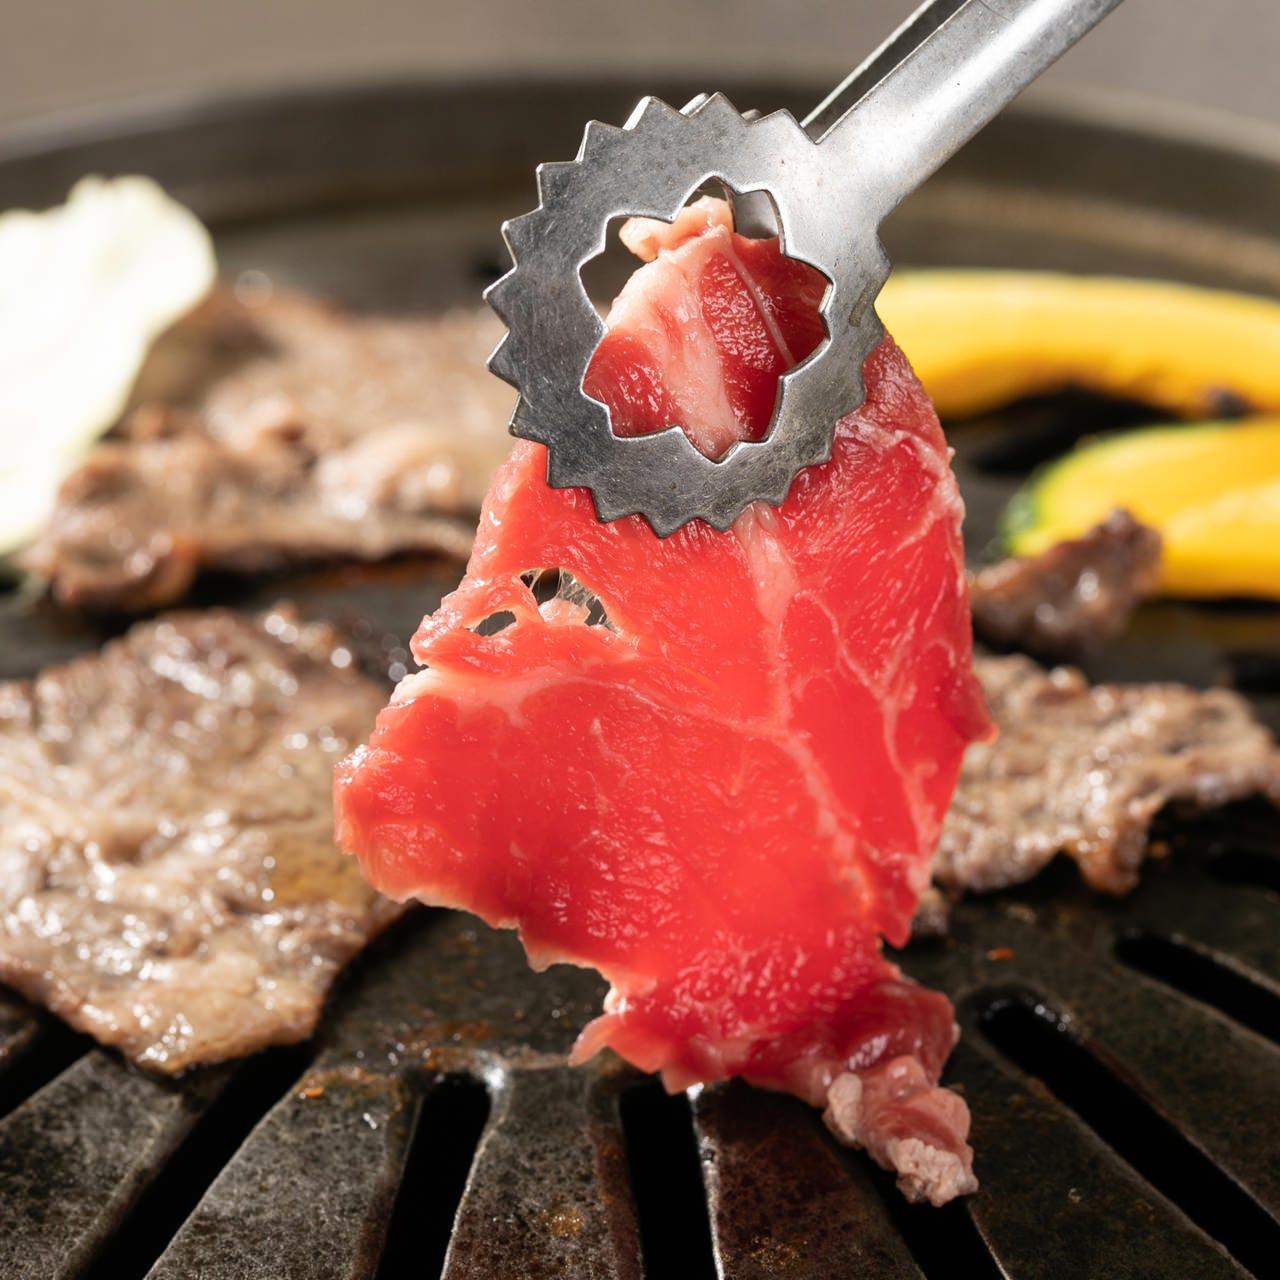 お得に焼肉を満喫したい方はランチ焼肉食べ放題がおすすめ◎